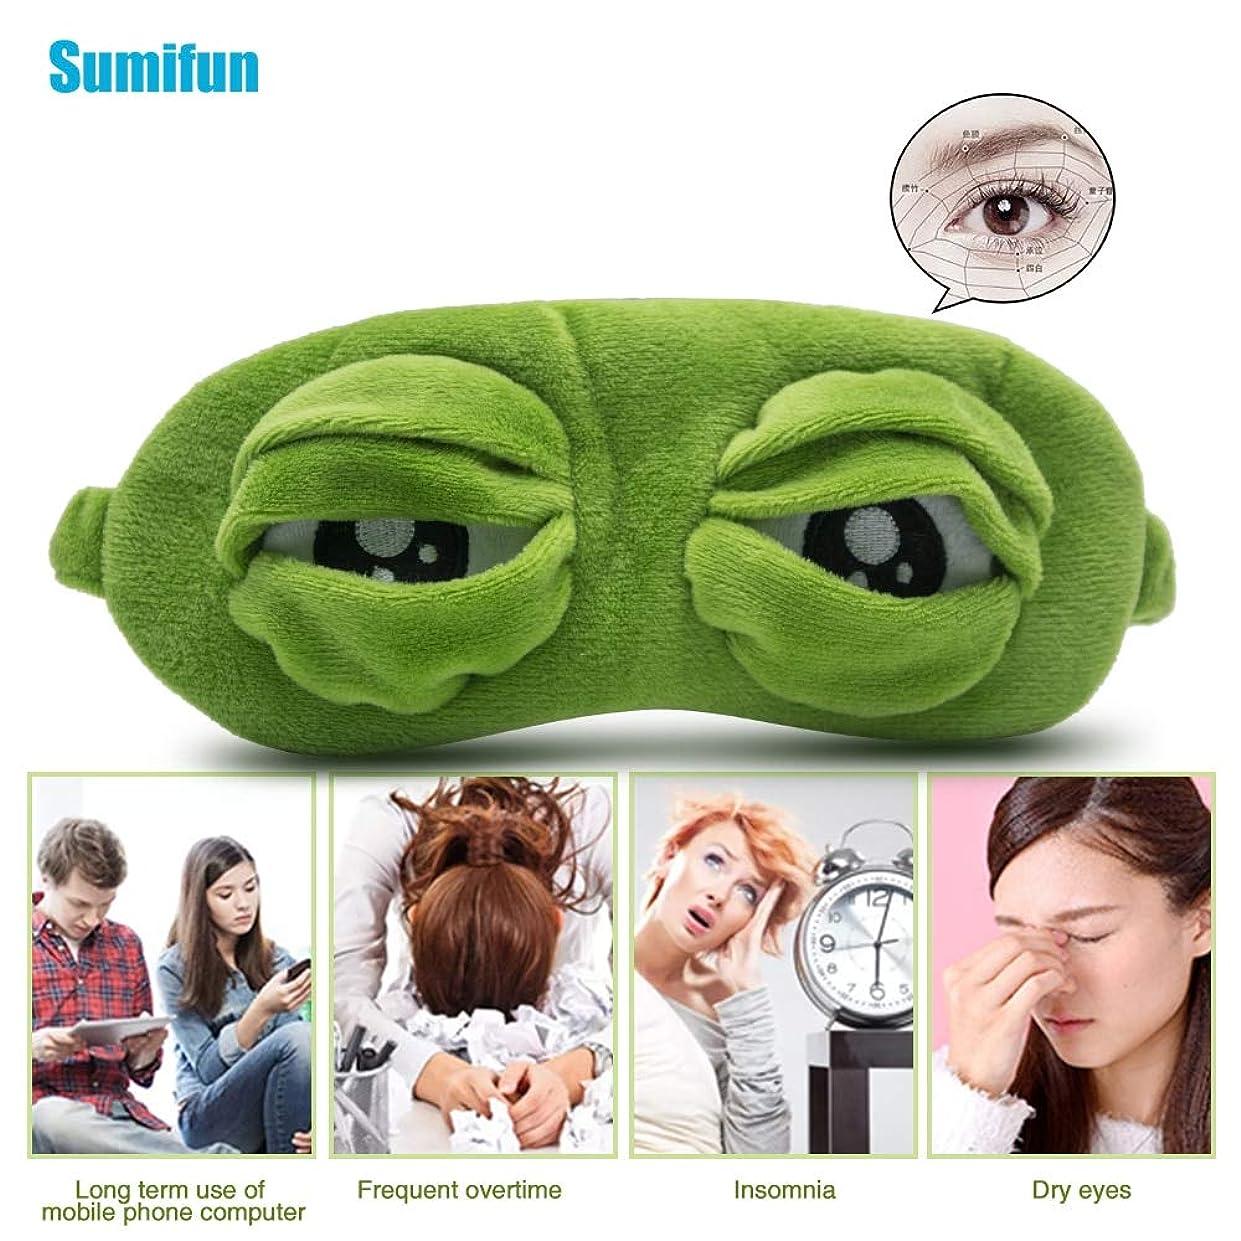 不毛印をつける医師注Sumifun 3D悲しいカエル睡眠マスク休息睡眠目隠しアイスカバーアイパッチ睡眠マスクC1360